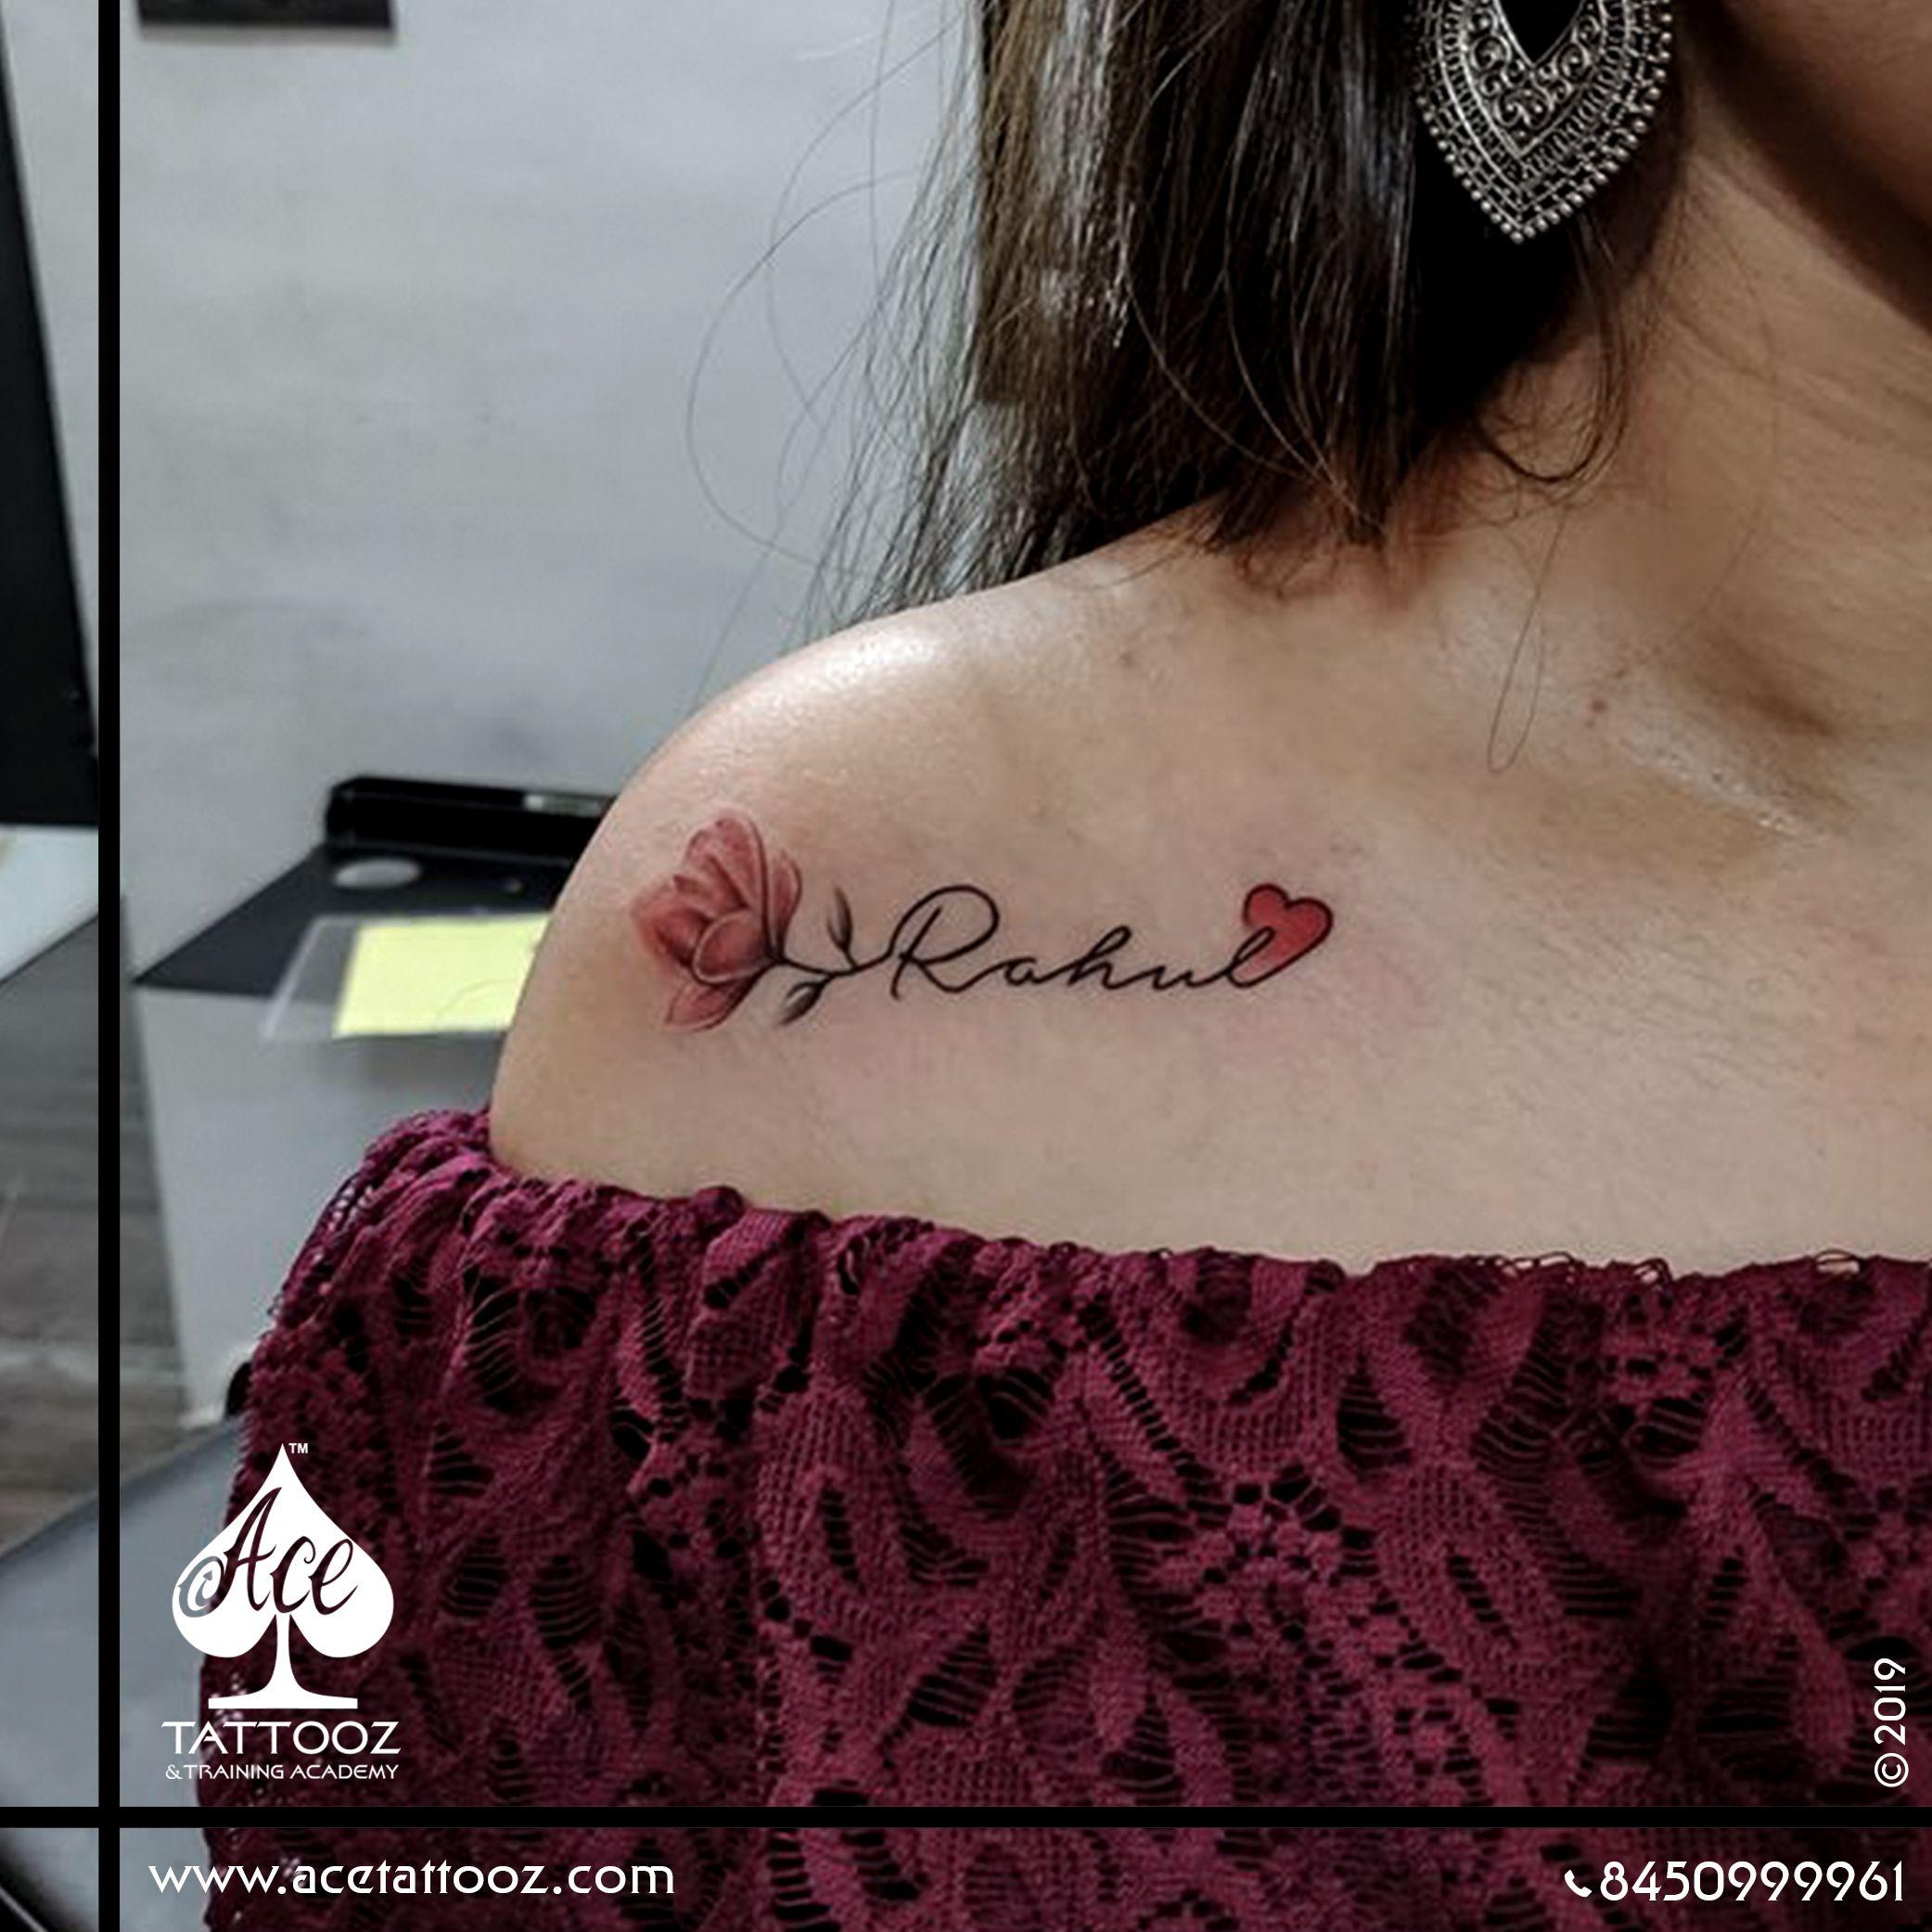 Thank You Ace Tattooz Tattoos Text Tattoo Tattoo Designs For Women